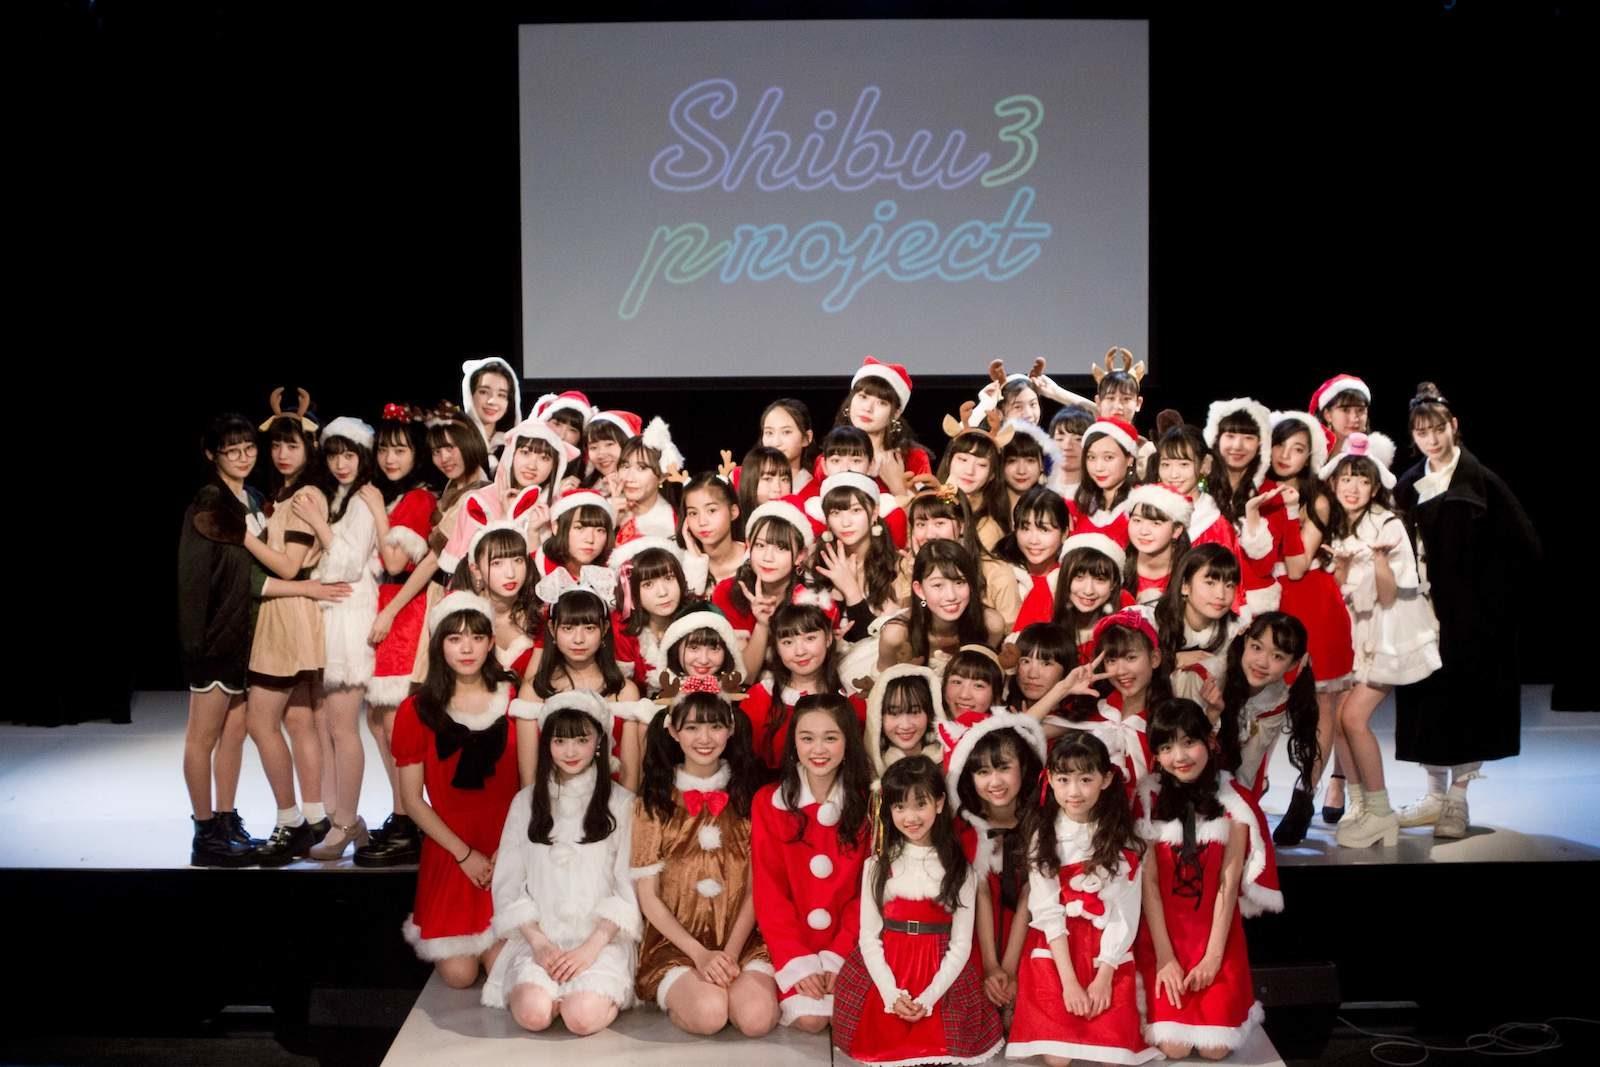 """大型育成プロジェクト""""Shibu3 project""""が冬のお披露目イベントを開催サムネイル画像"""